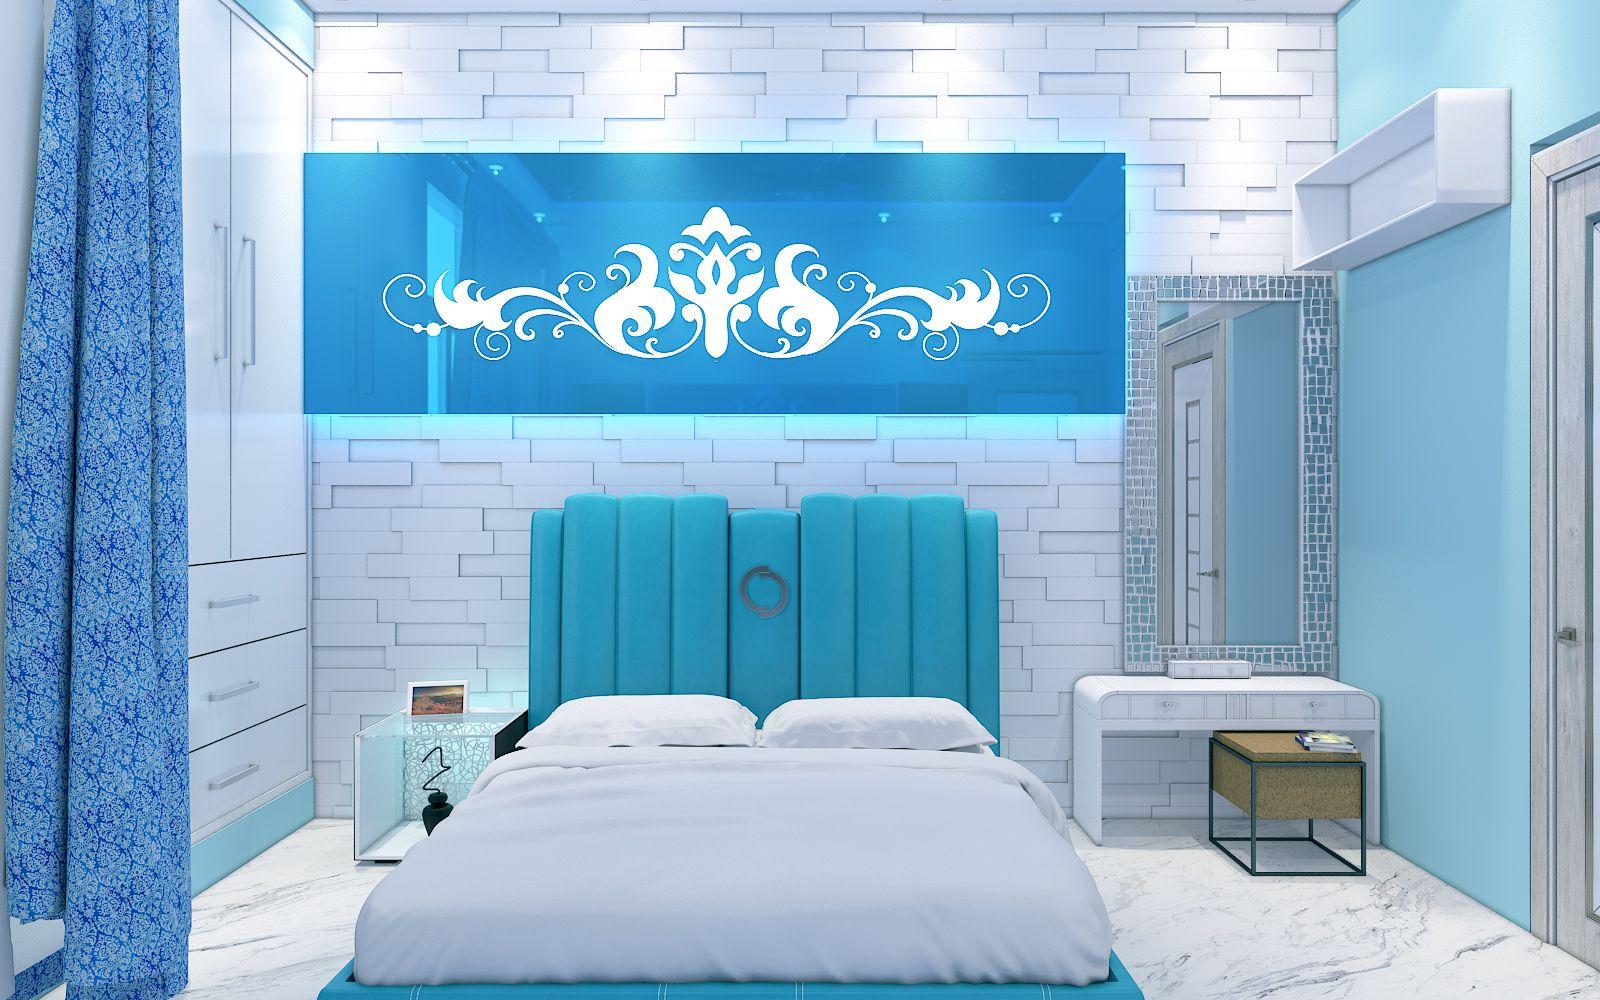 20 aqua bedroom ideas 2018 decor or design. Black Bedroom Furniture Sets. Home Design Ideas